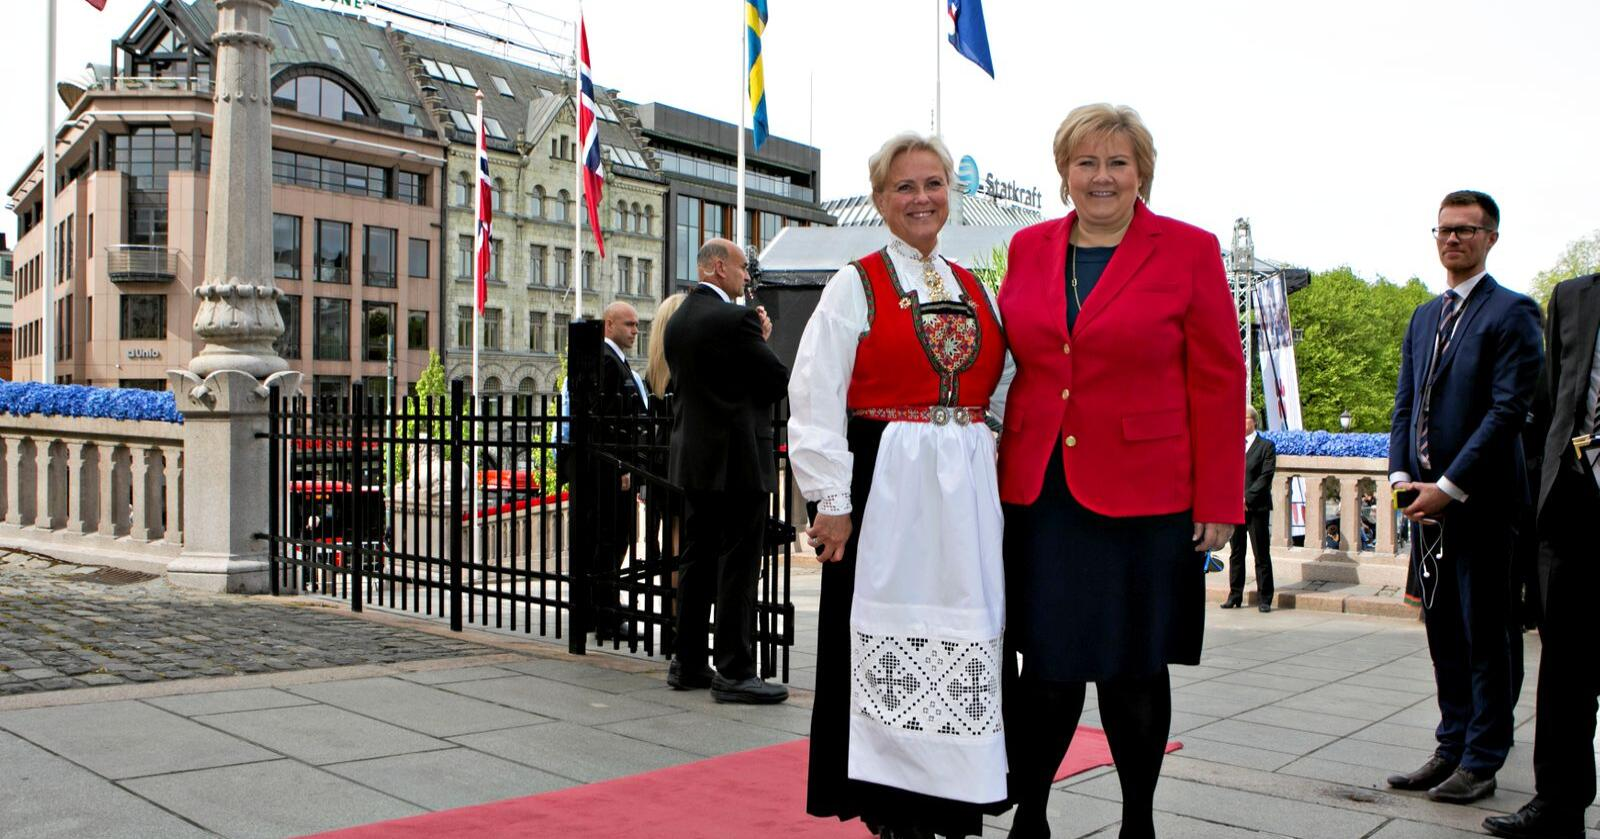 Salderingspost: Når Erna Solberg skal holde Venstre oppe og i regjering, er det Bunads-Høyre (her ved tidligere kulturminister Thorhild Widvey) det går ut over.  Foto: Anette Karlsen / NTB scanpix